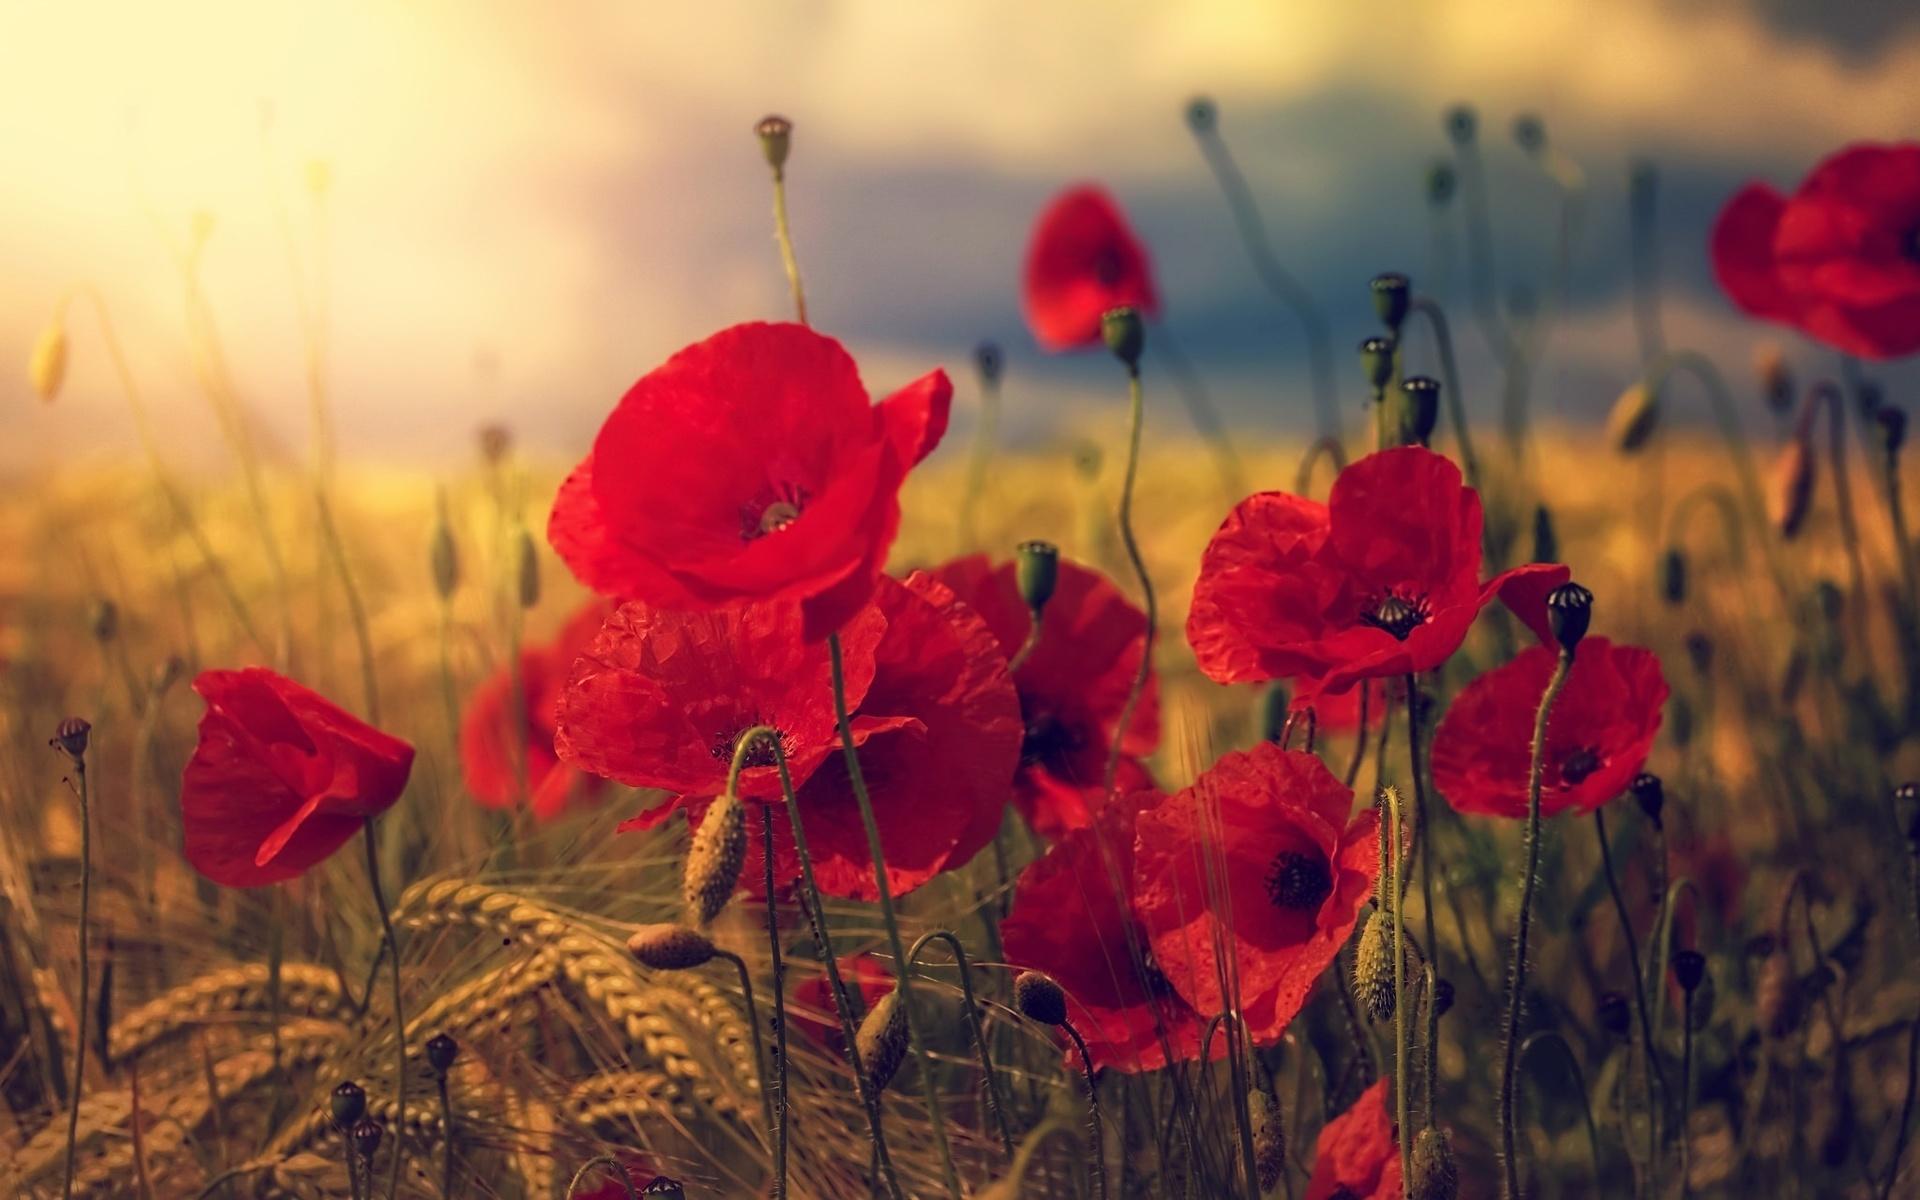 природа, лето, поле, колосья, цветы, маки